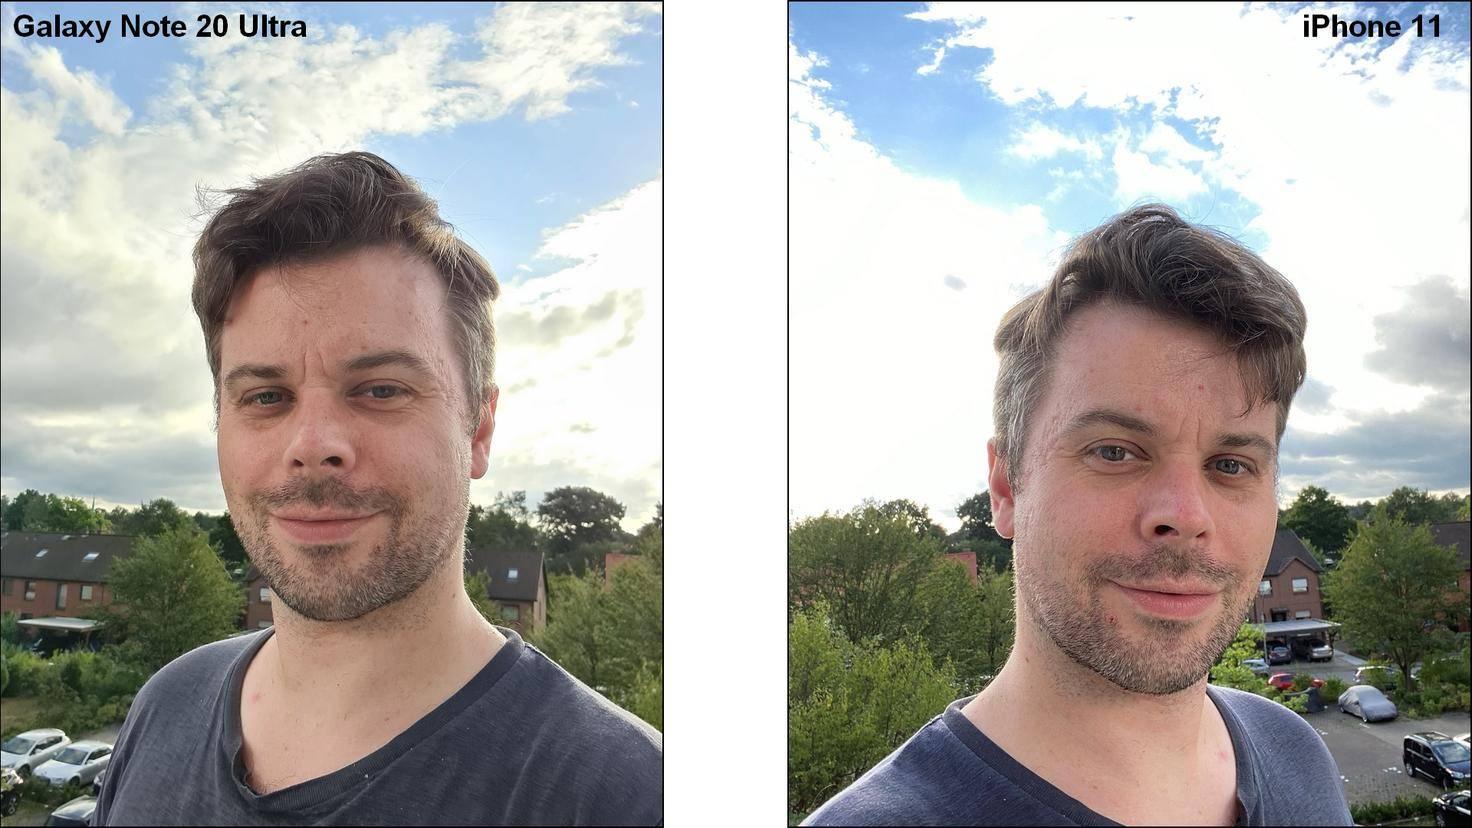 Selfie-Note-20-Ultra-Vergleich-iPhone